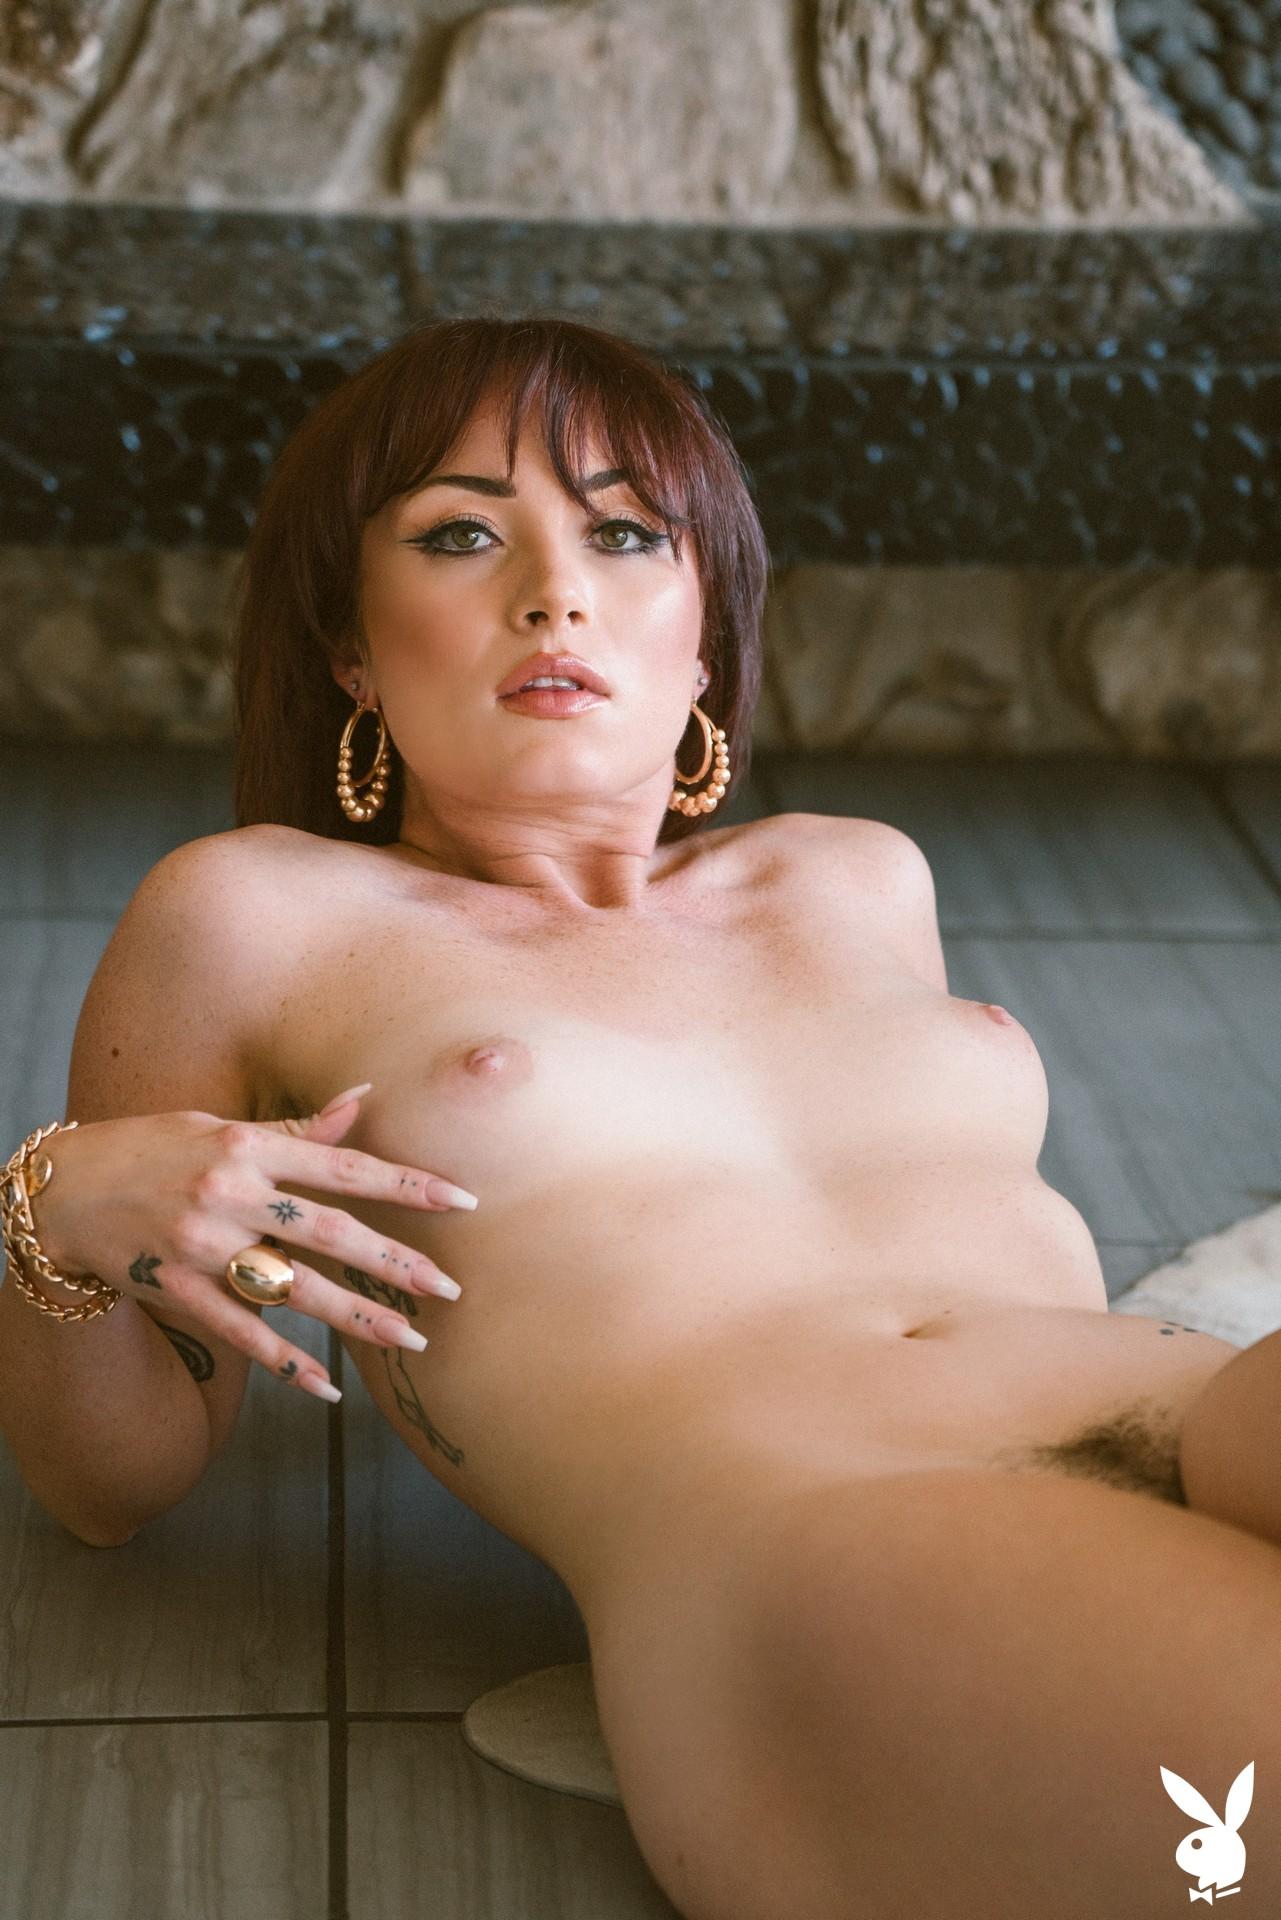 Kenna In Warm Invitation Playboy Plus (21)